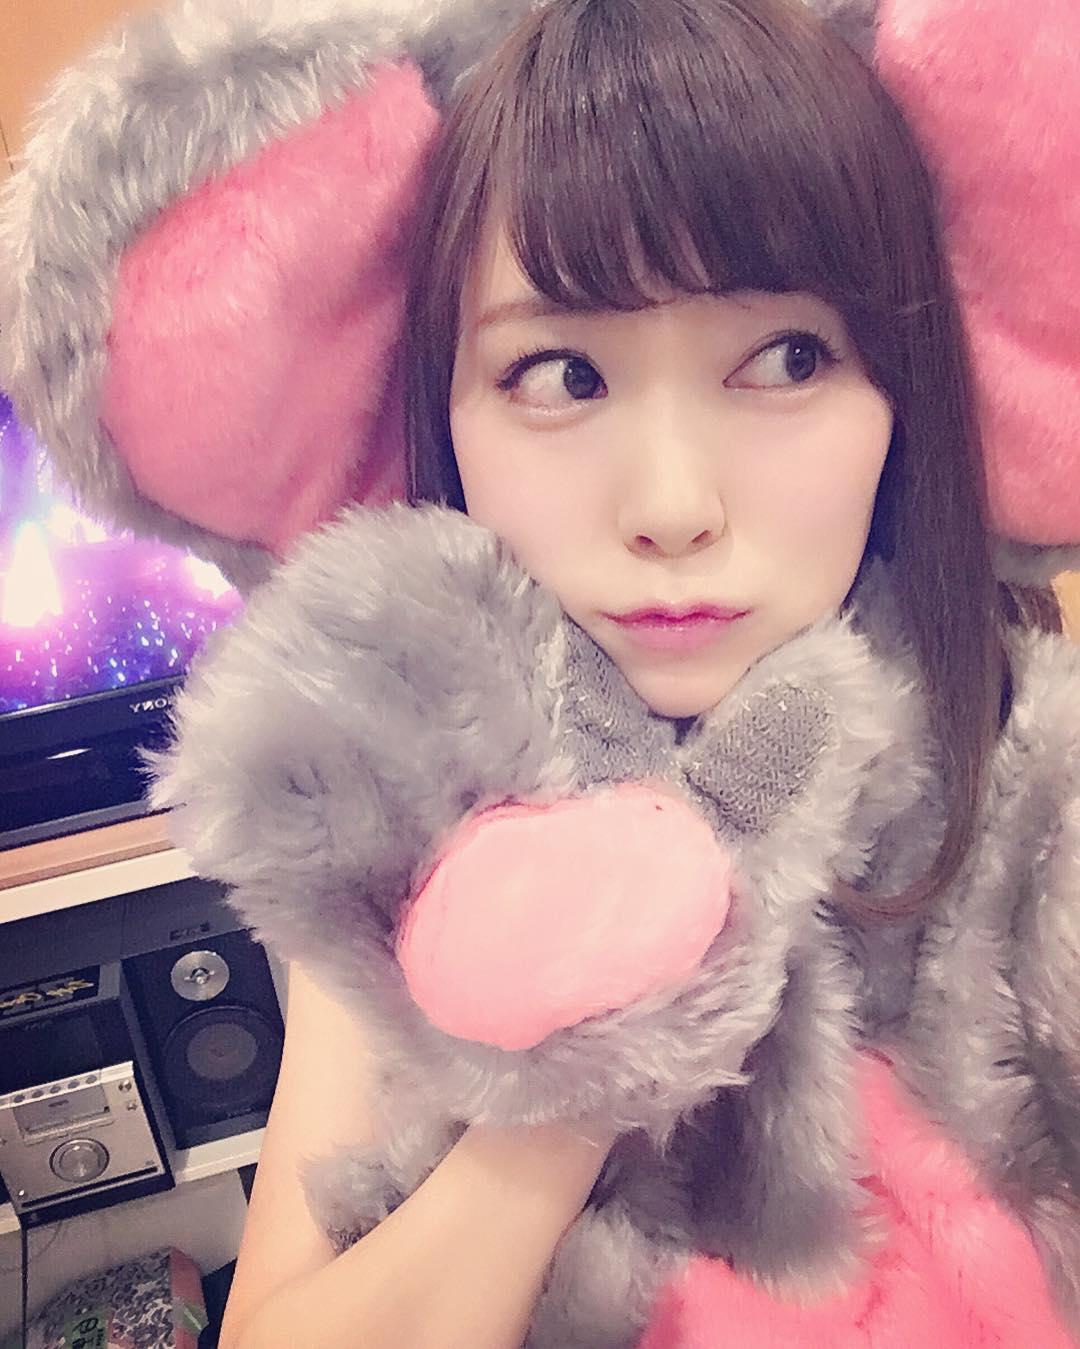 Watanabe Miyuki Instagram - Watanabe Miyuki Photo (39517858) - Fanpop